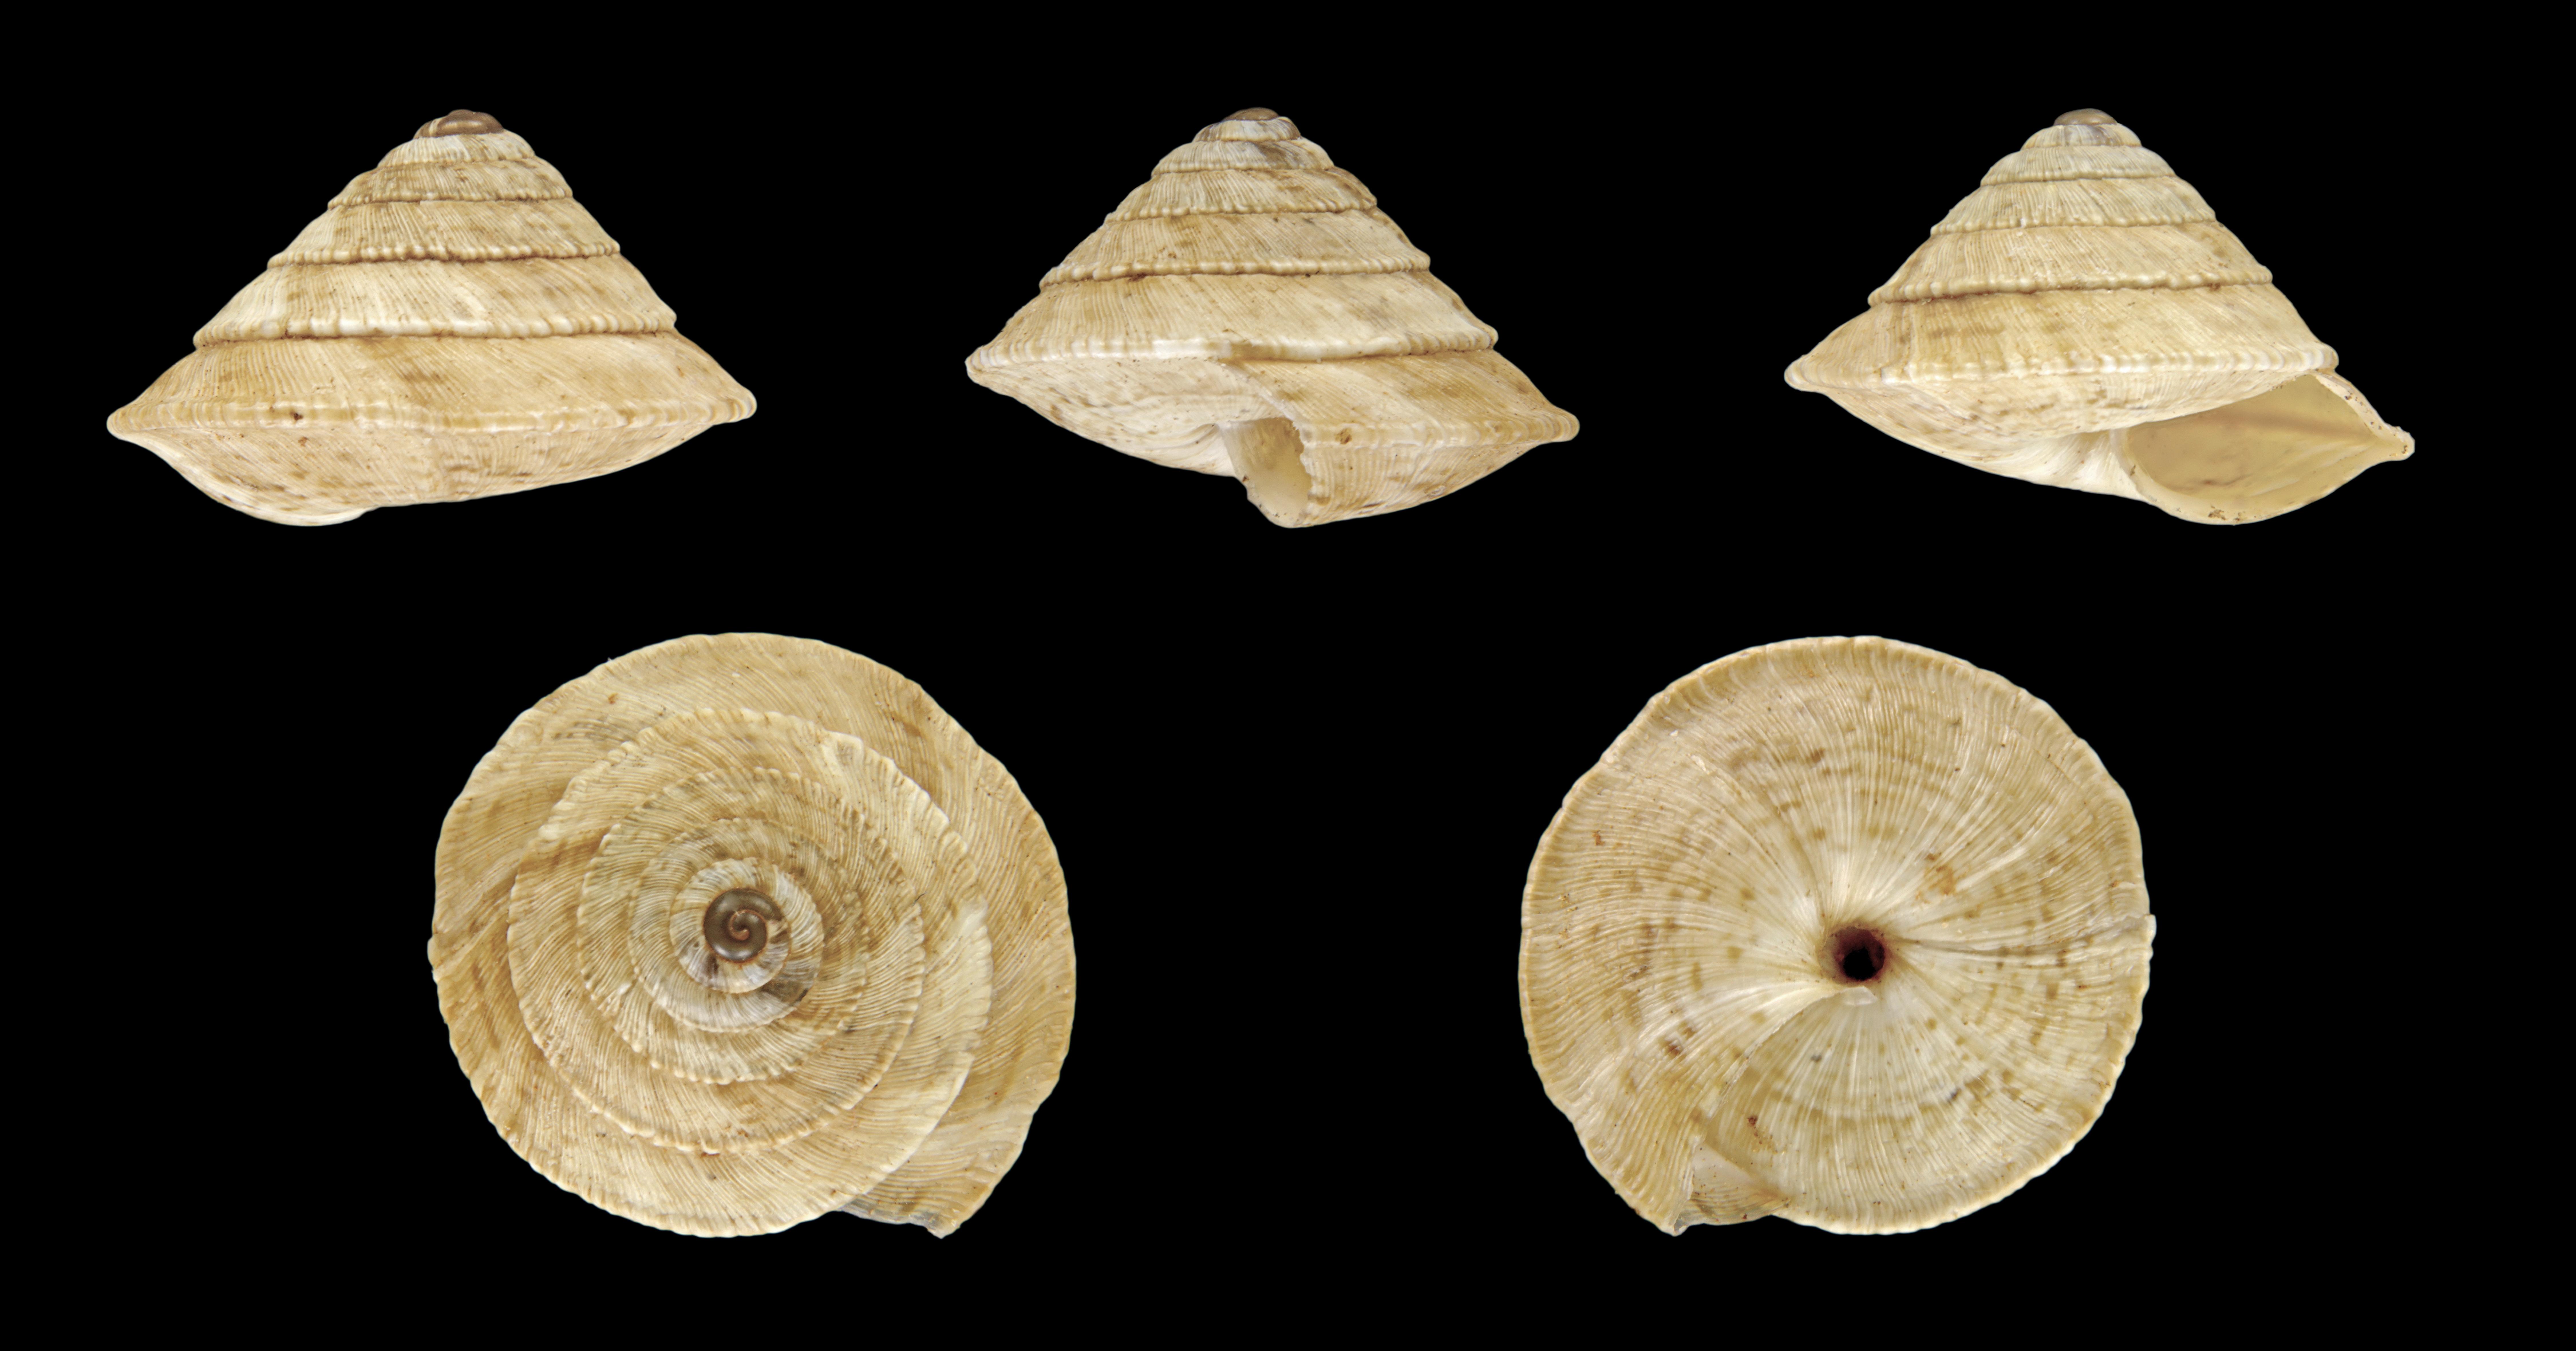 S. trochoidea